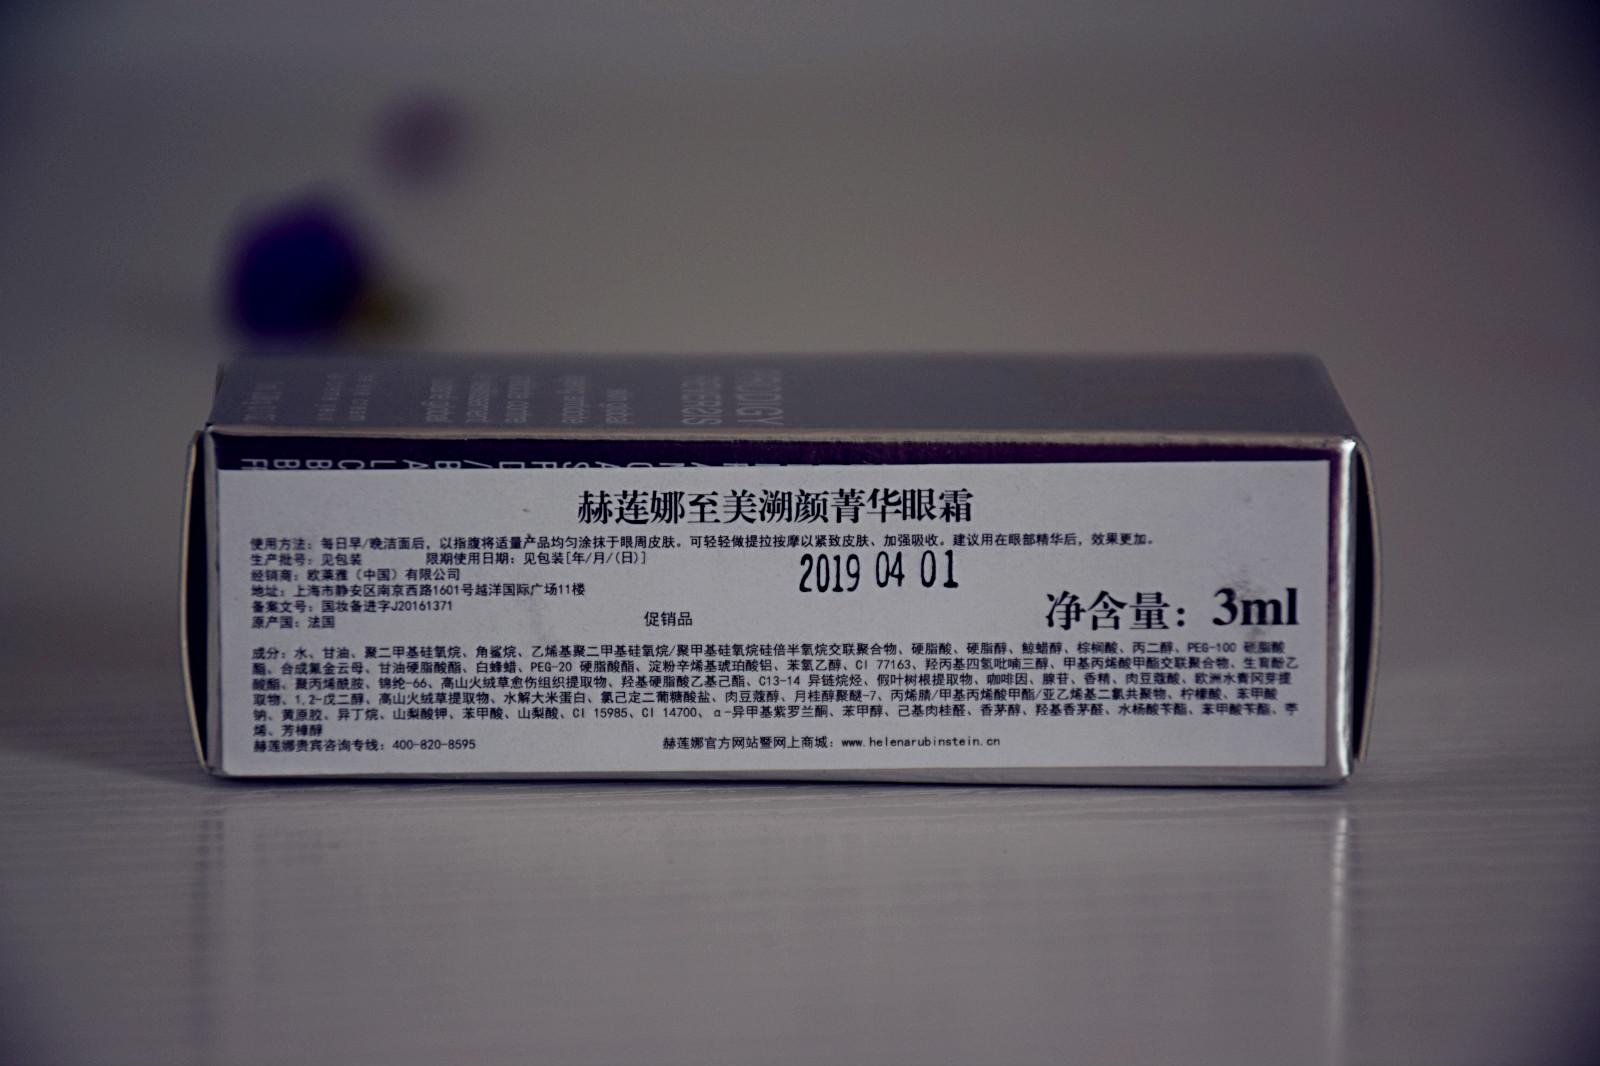 DSC_0006_meitu_2.jpg